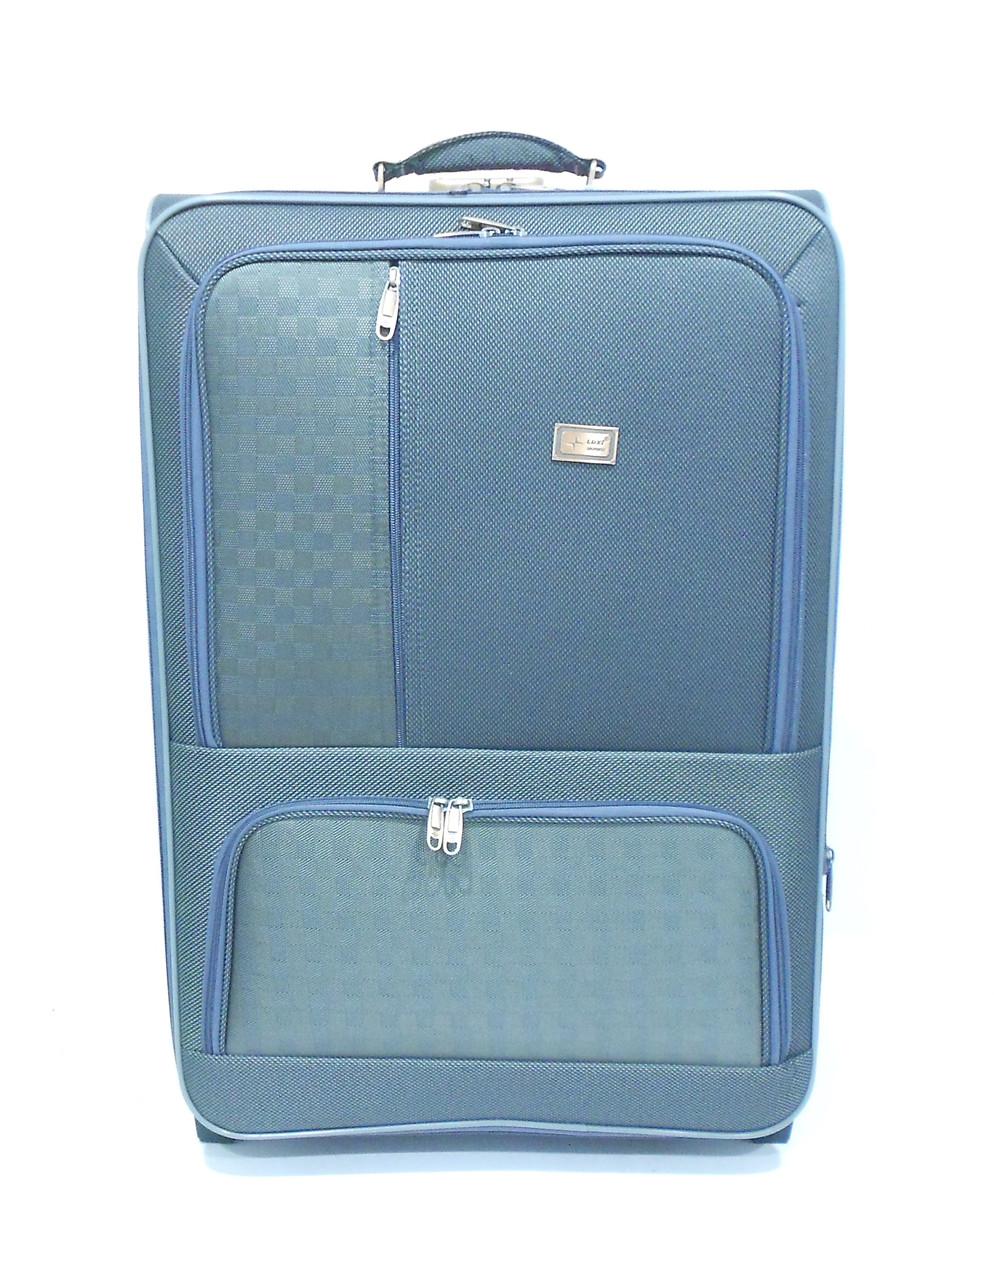 Чемоданы меркури купить в запорожье большие дорожные чемоданы на колесах интернет магазин недорого